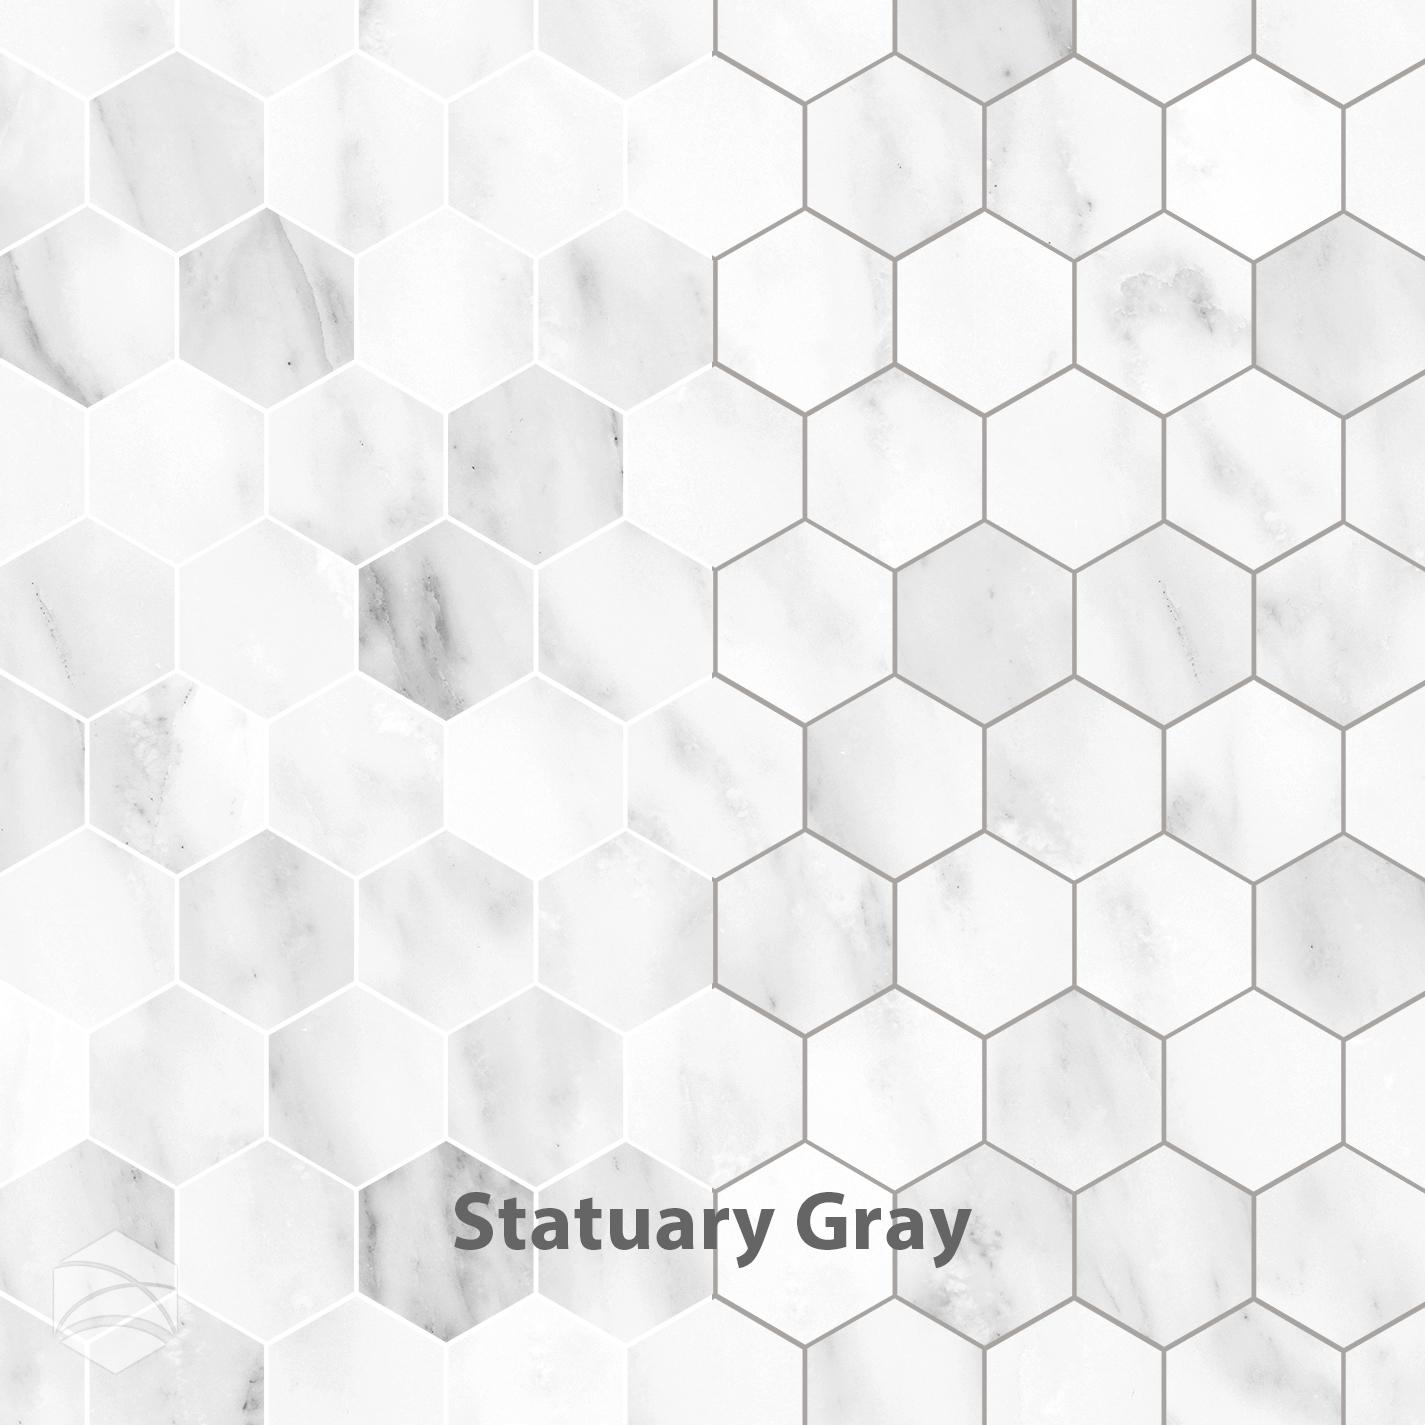 Statuary Gray_2 in Hex_V2_14x14.jpg